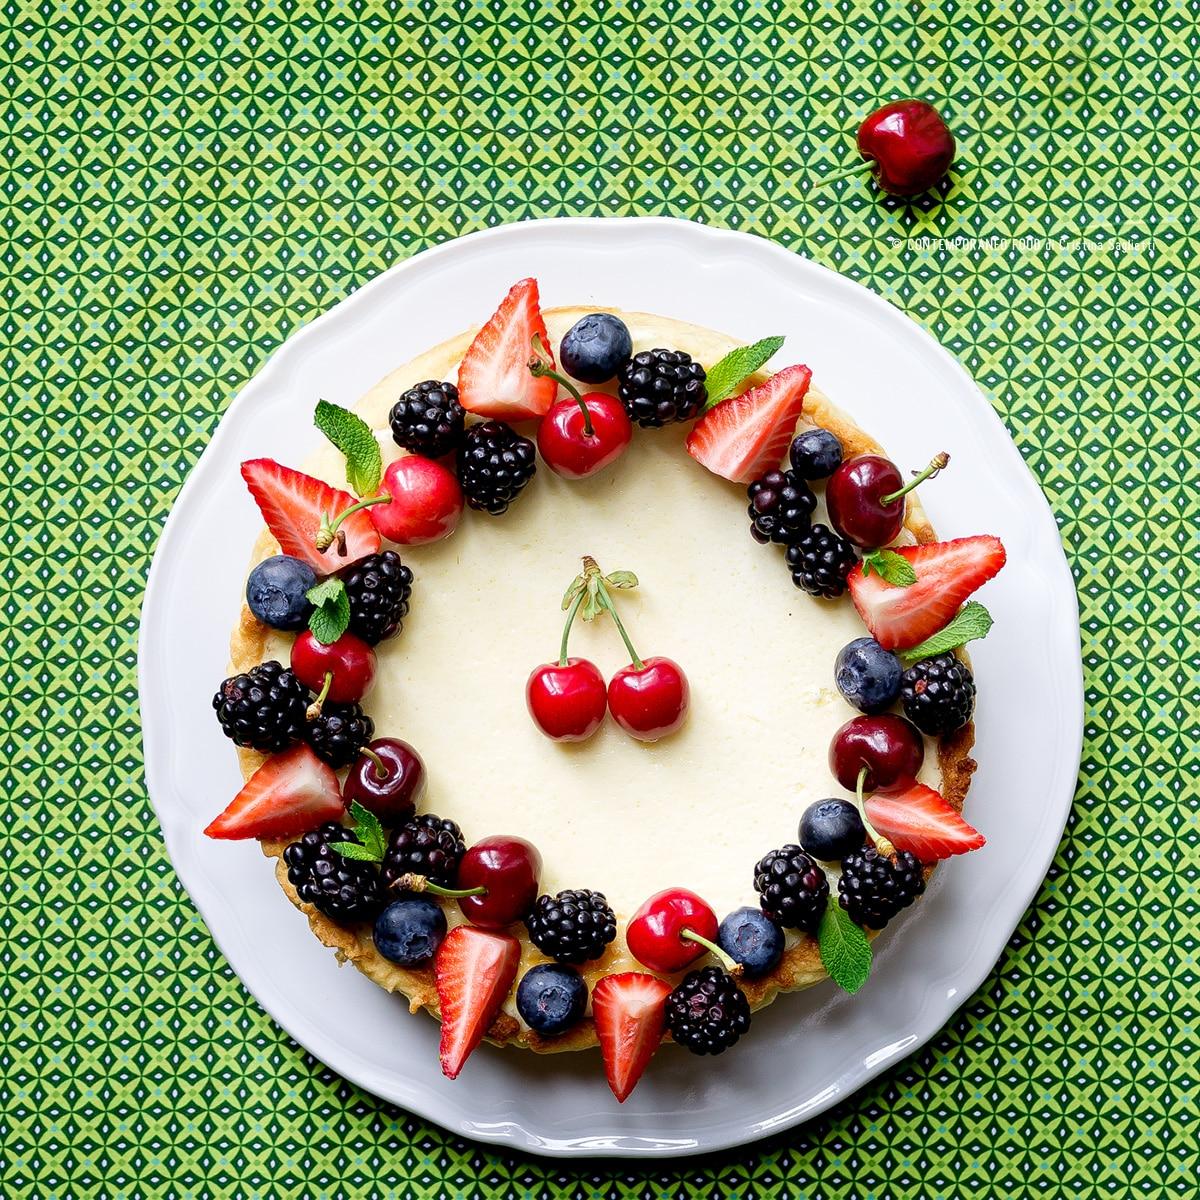 cheesecake-frutta-app-pasticceria-dolce-contemporaneo-food